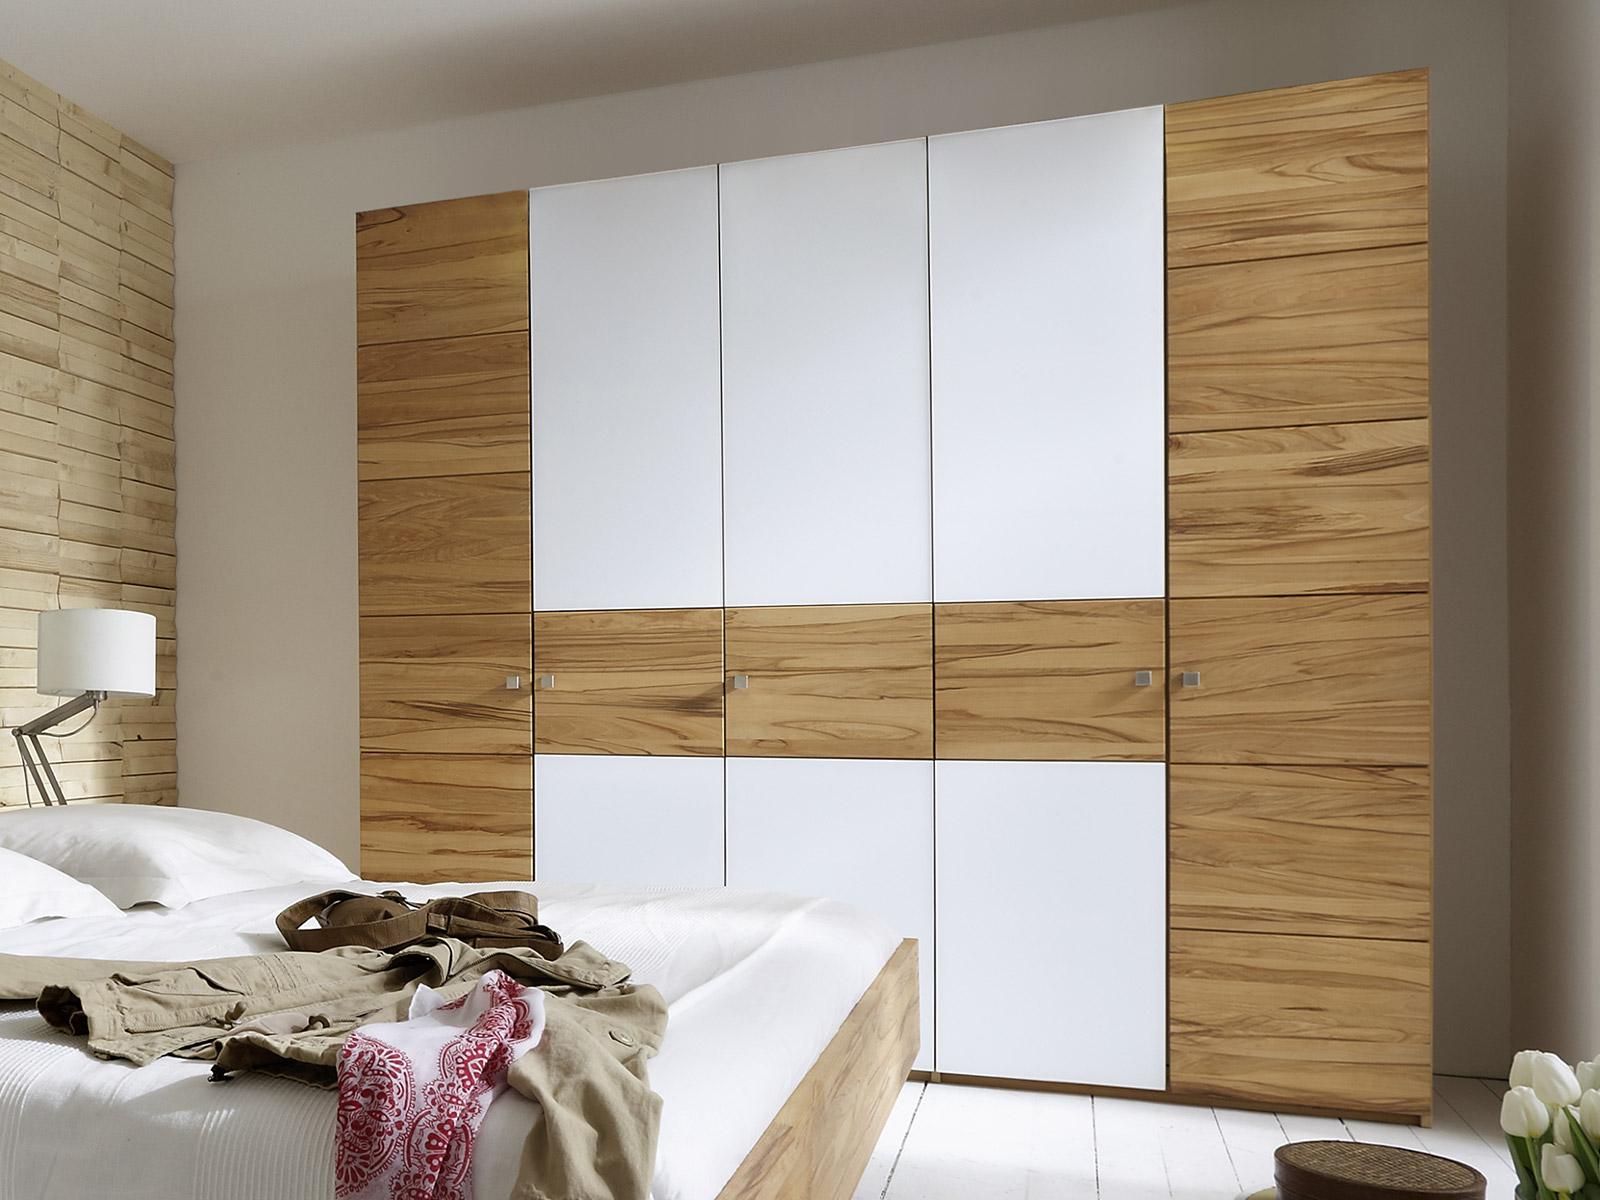 schwarz wei trennung feuerwehr. Black Bedroom Furniture Sets. Home Design Ideas